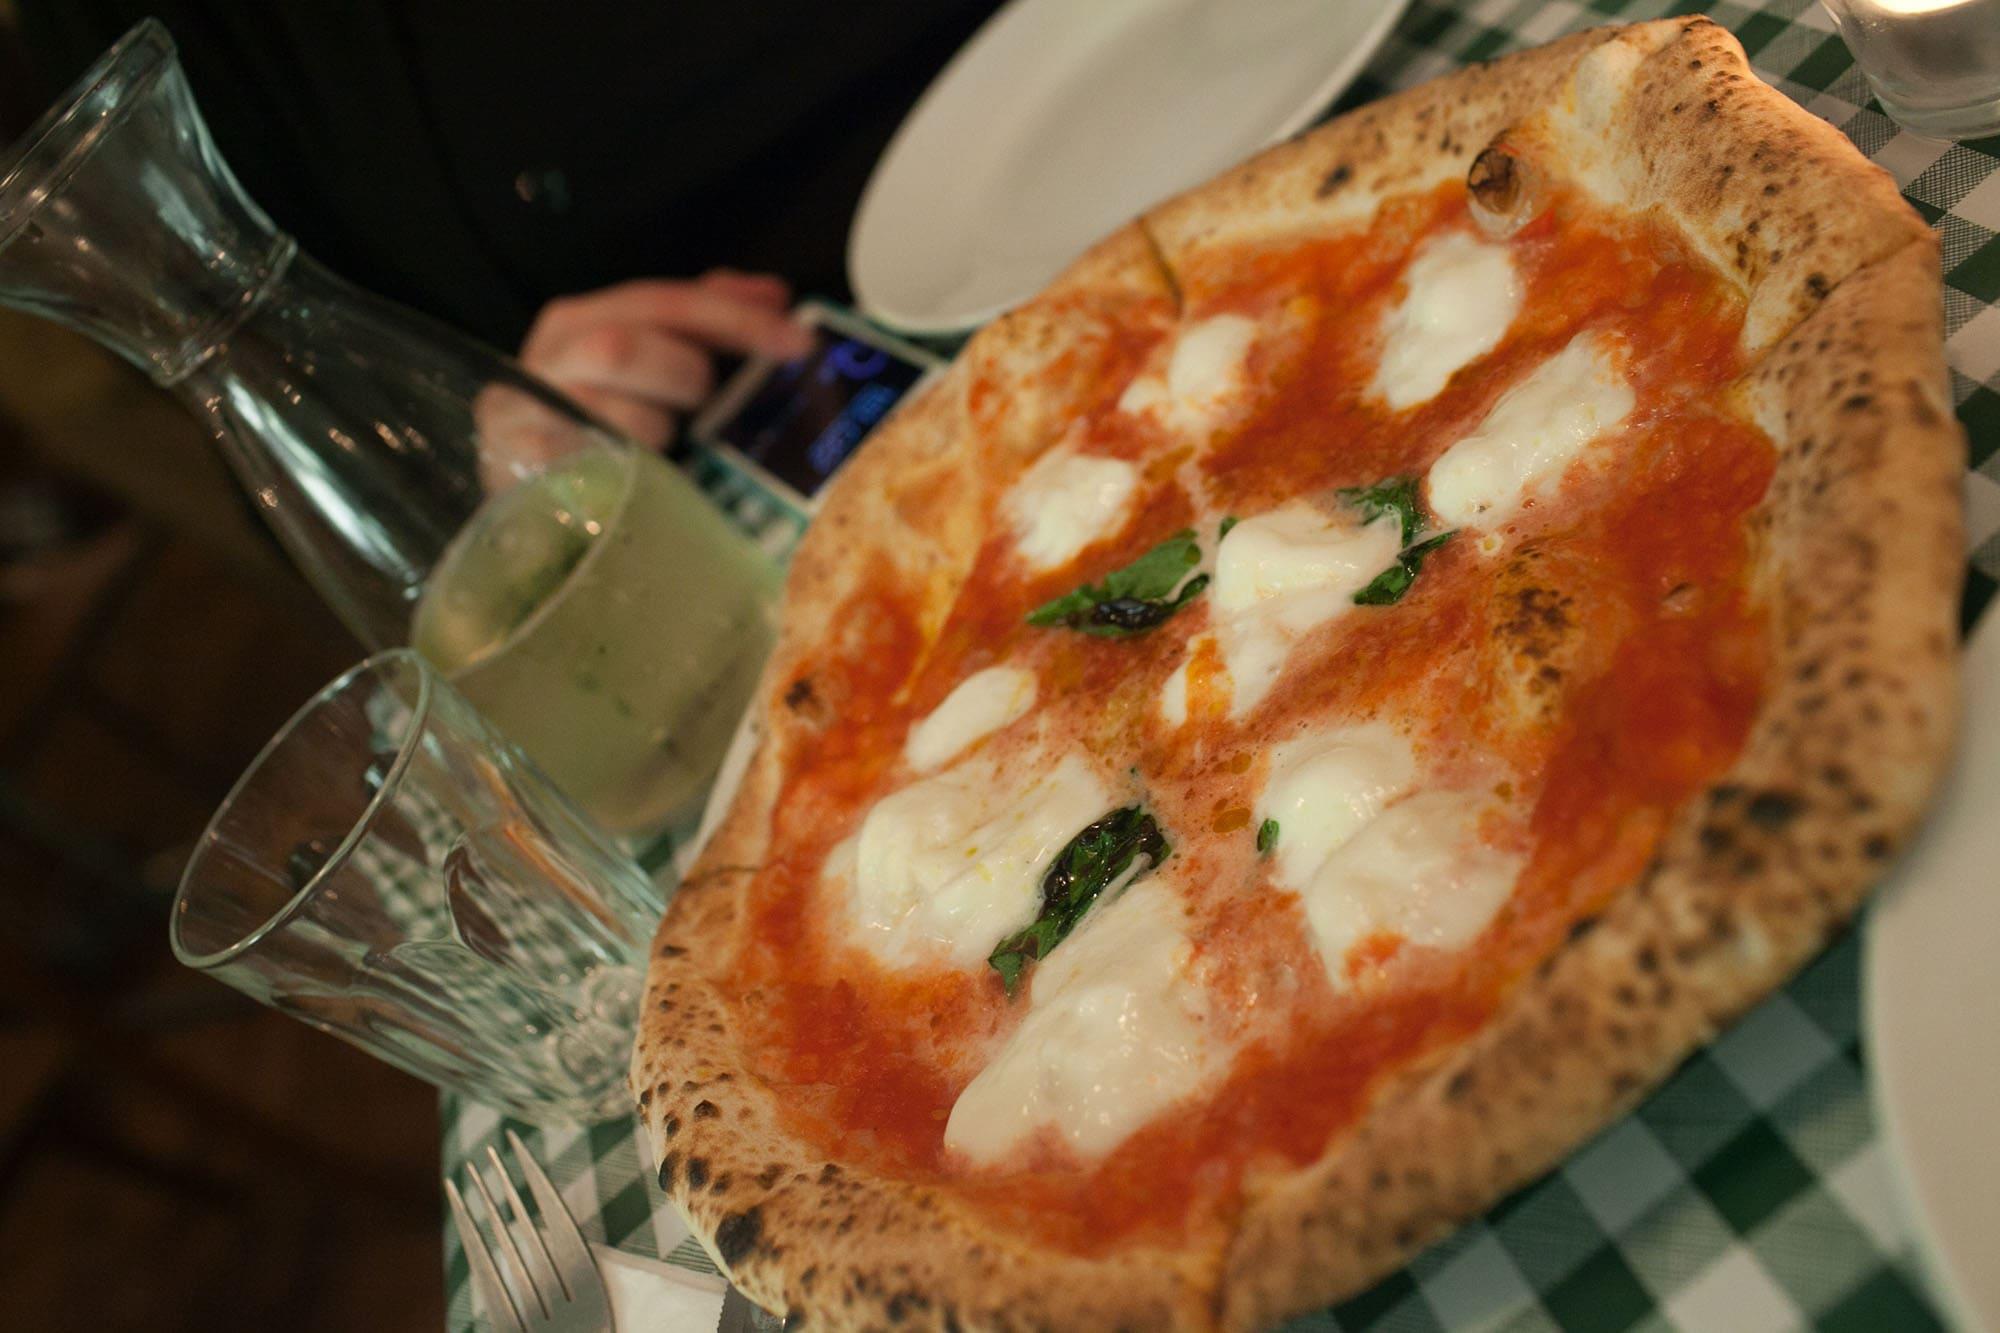 Bufala pizza at Pizza Pilgrims in Soho, London, England